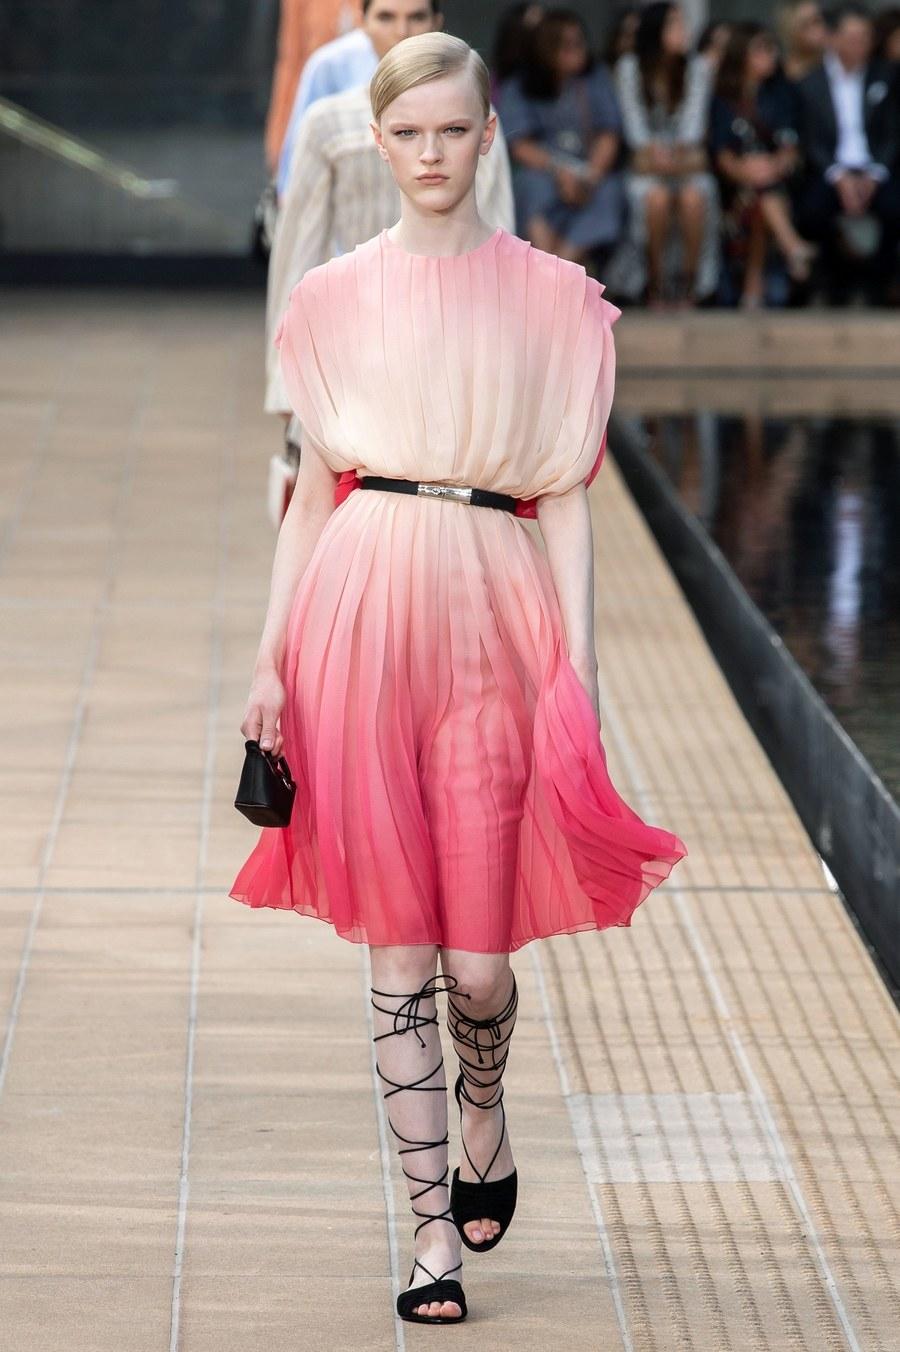 عرض أزياء Longchamp  بأسبوع الموضة بنيويورك (12)